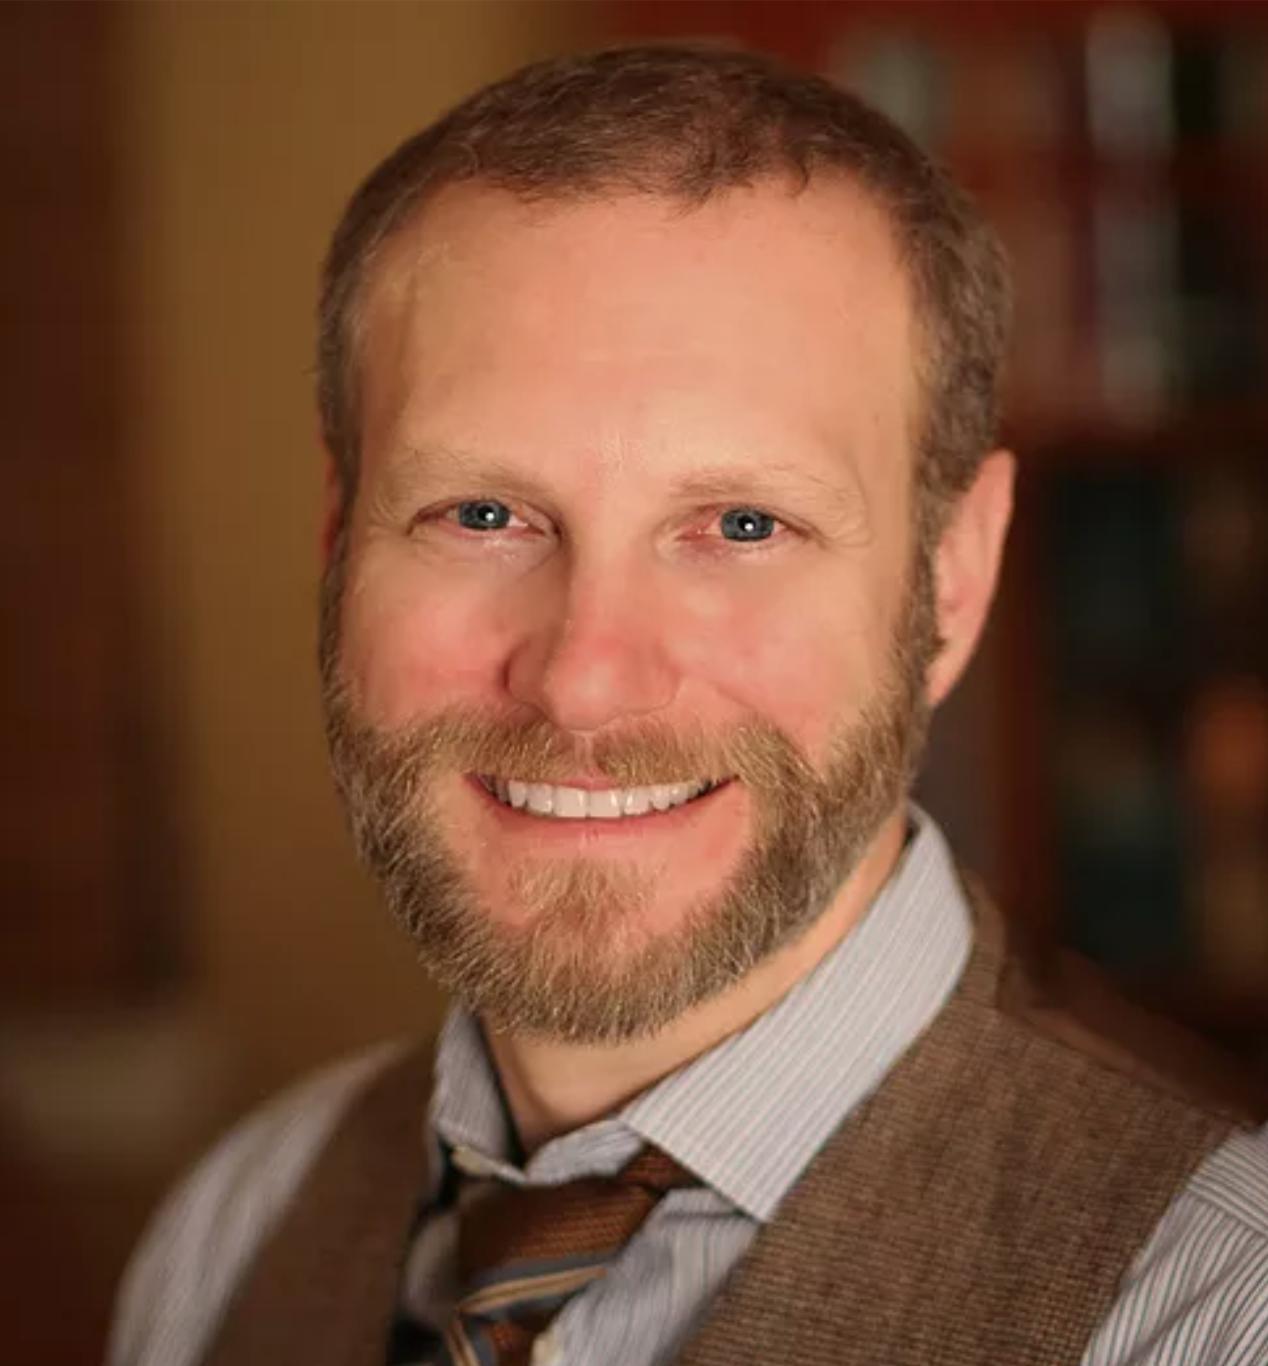 Christian Skoorsmith, MA, CH, IWLC